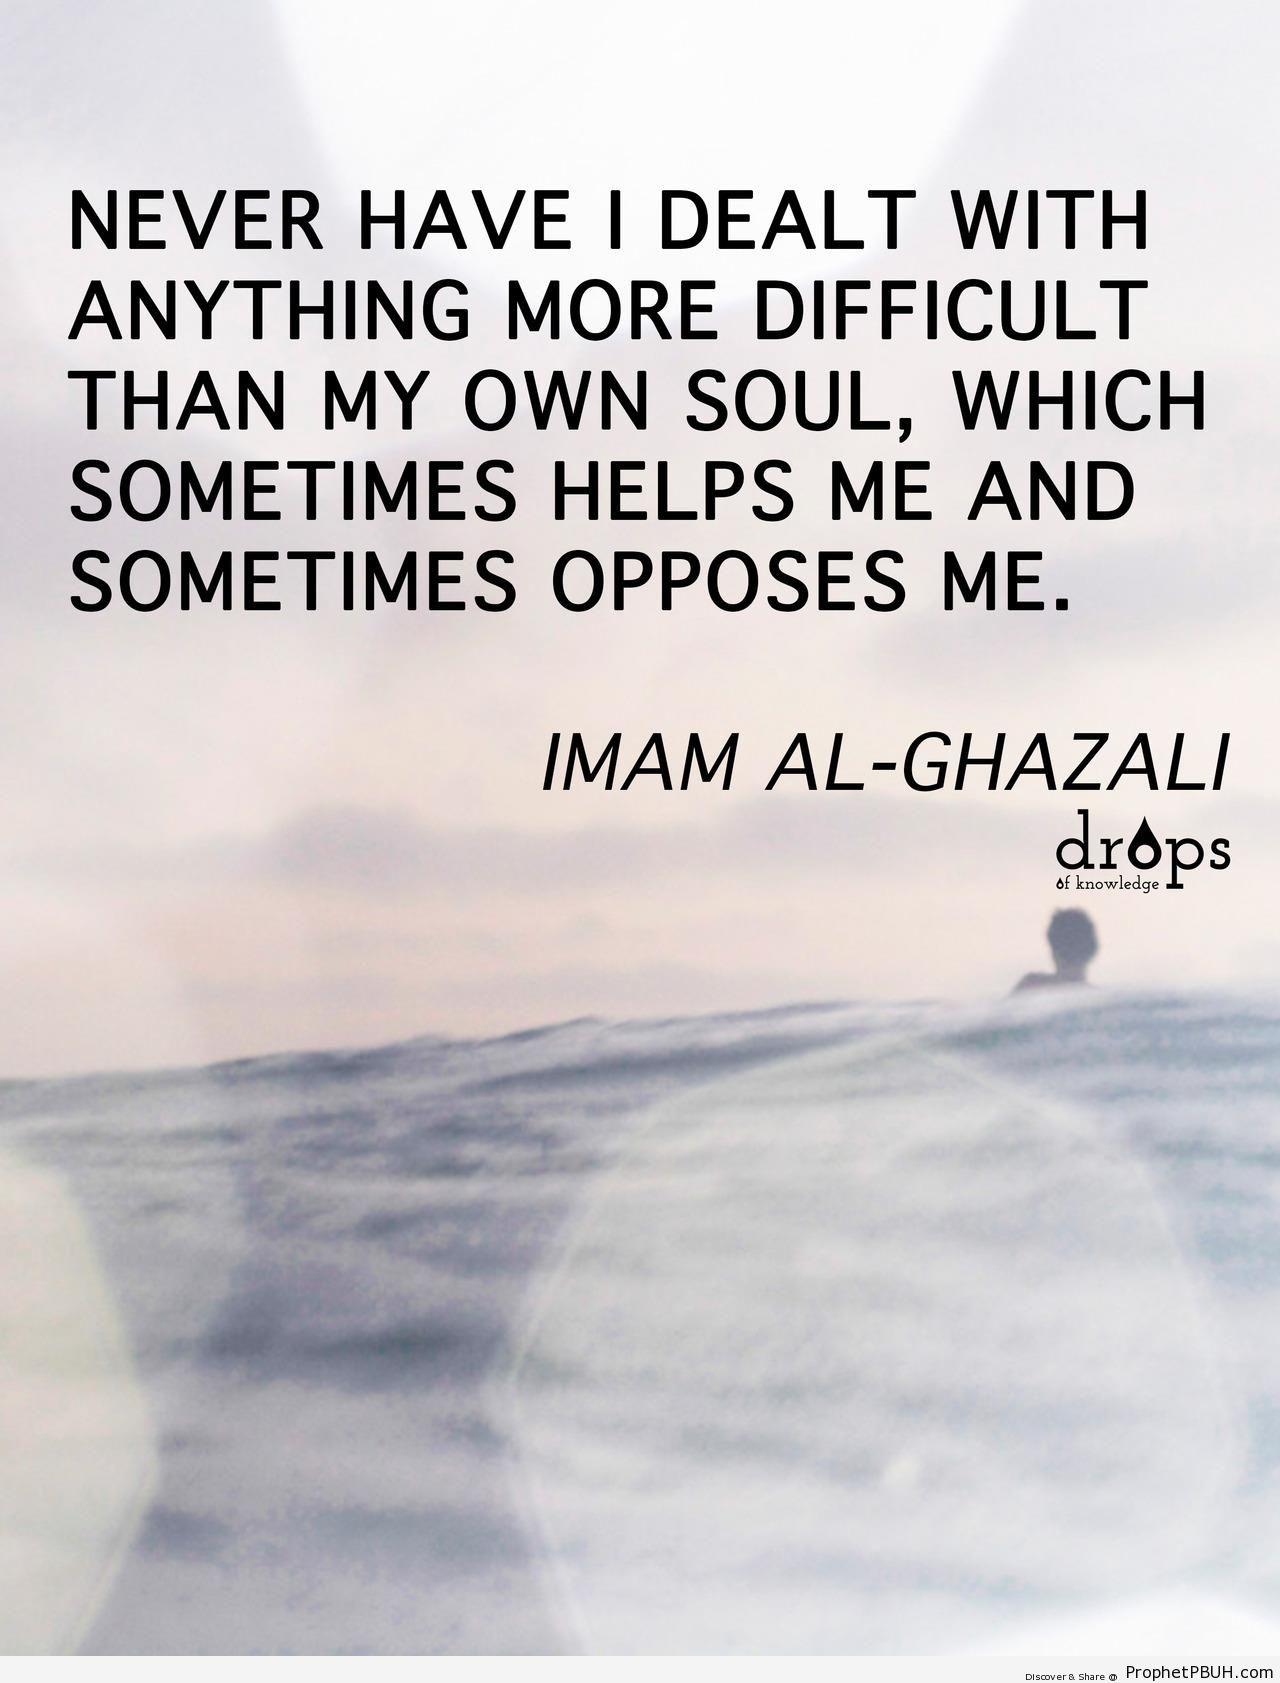 My Own Soul (Imam al-Ghazali Quote) - Abu Hamid al-Ghazali Quotes